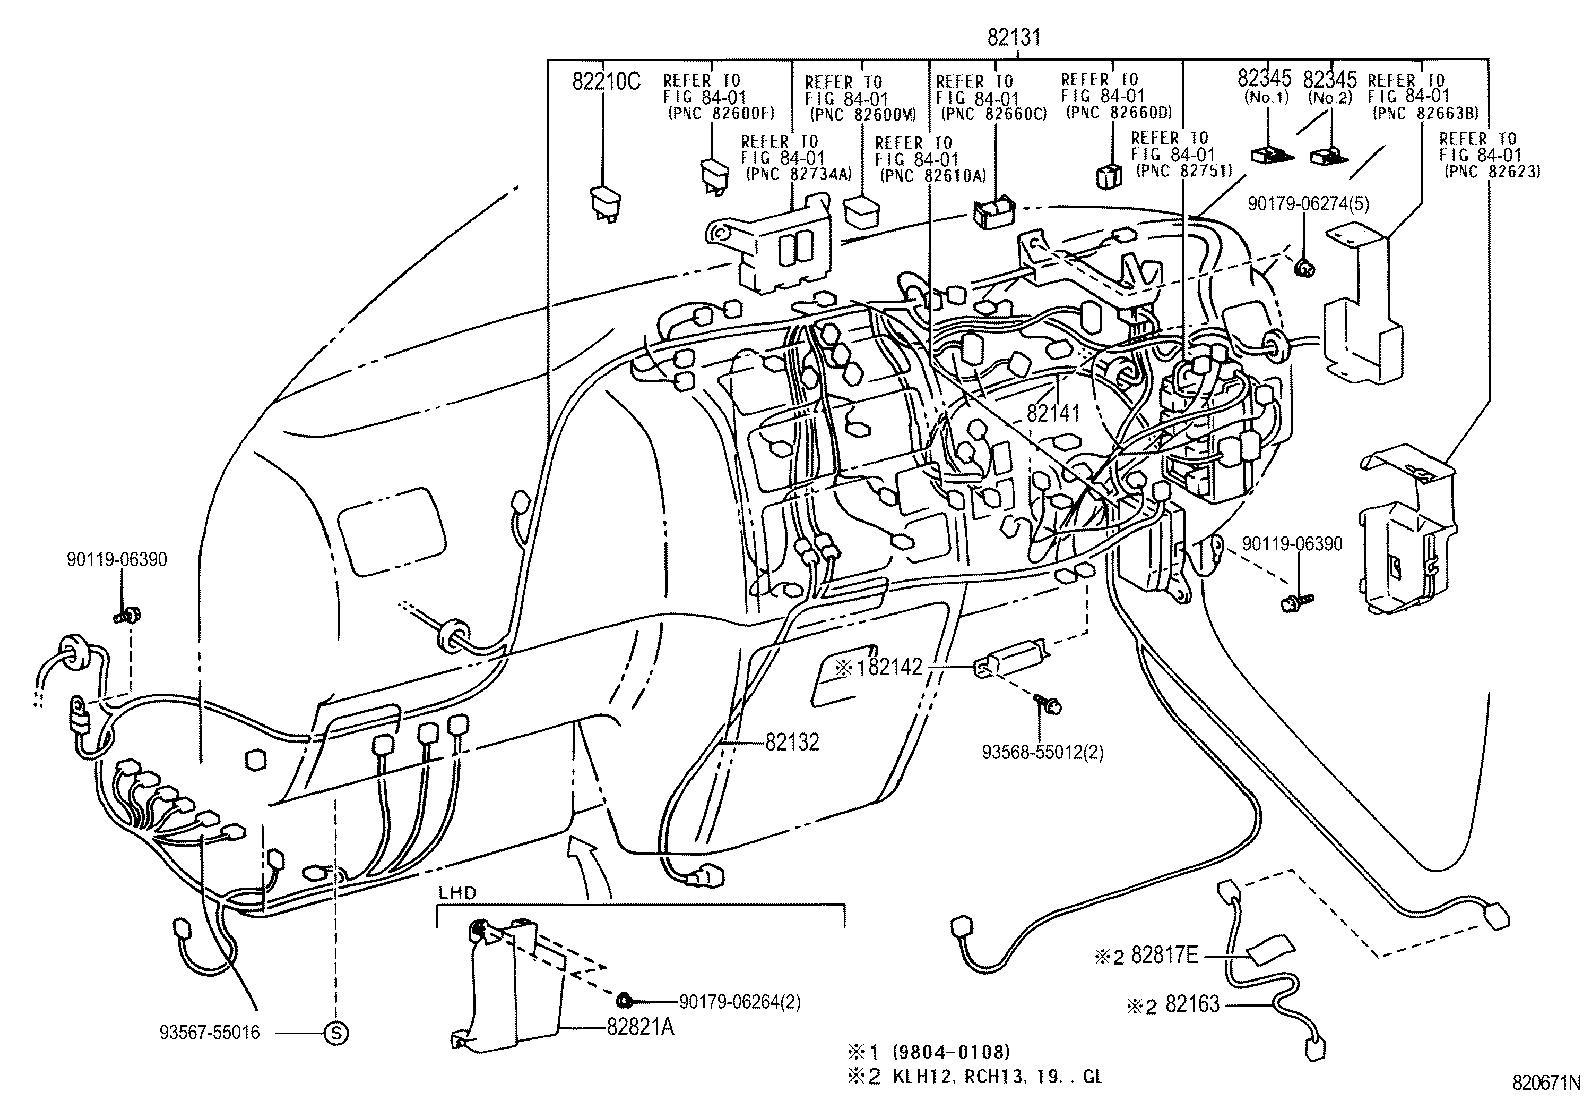 Wiring Diagram Toyota Hiace On Basic Car Wiring Diagram Toyota Hiace